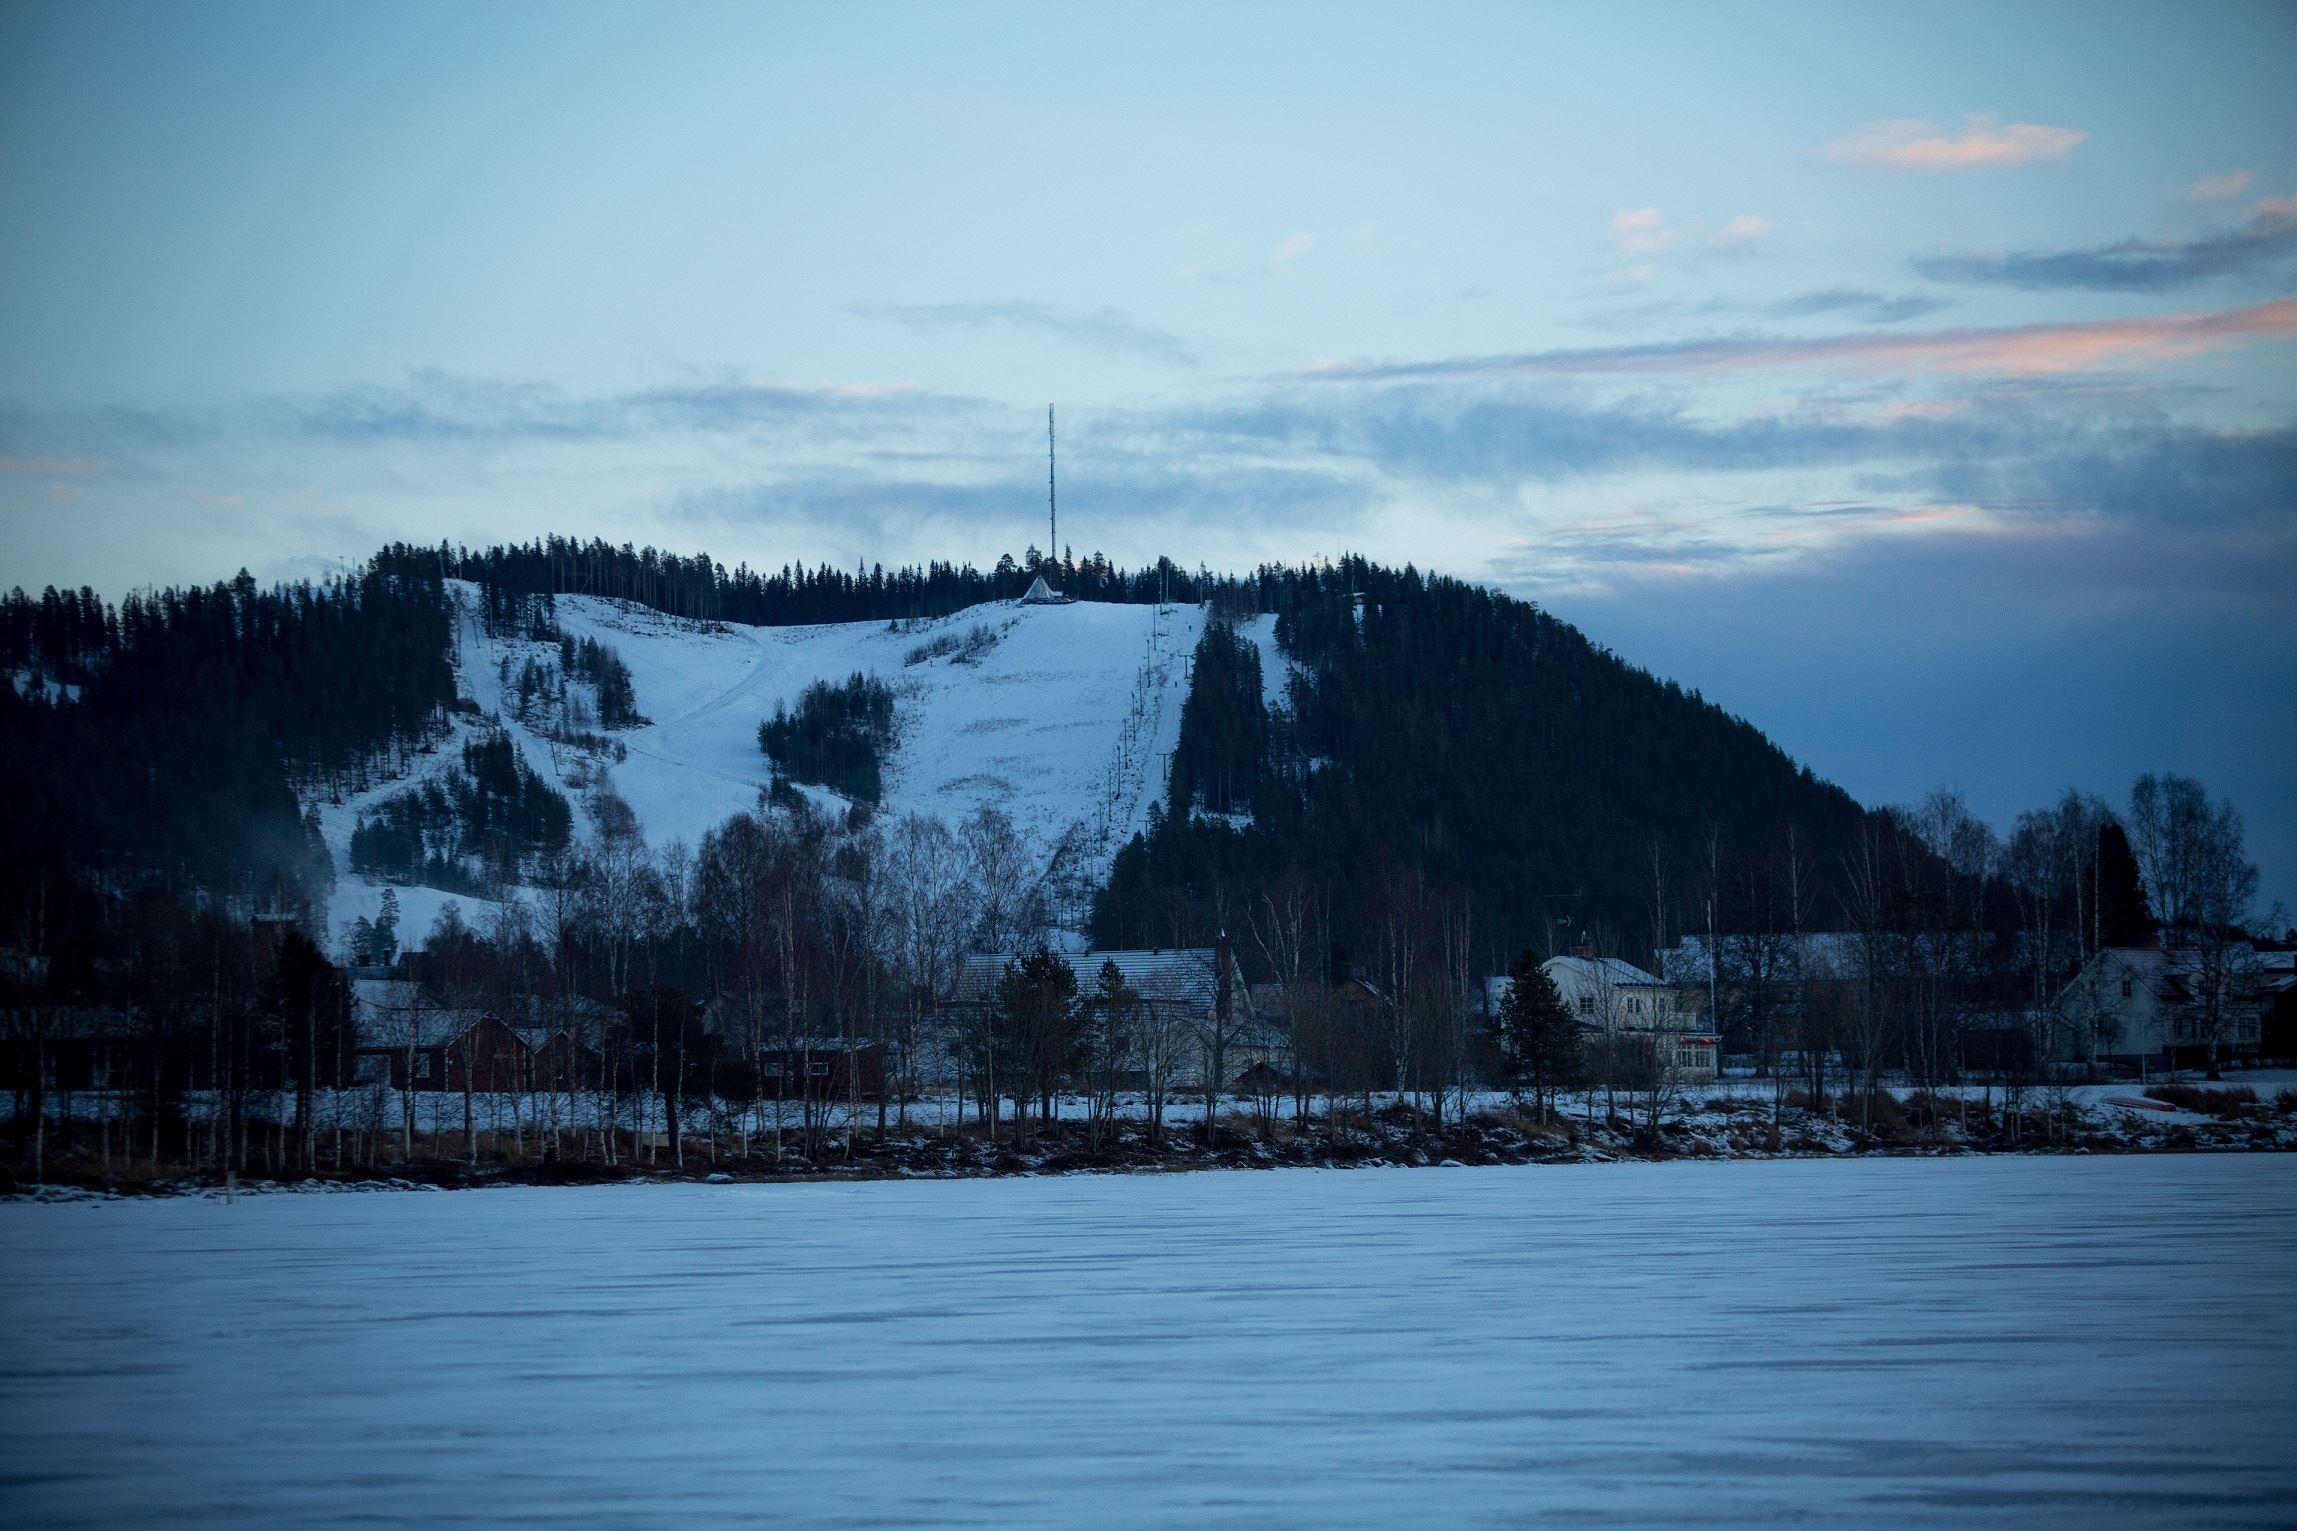 Tjamstanberget